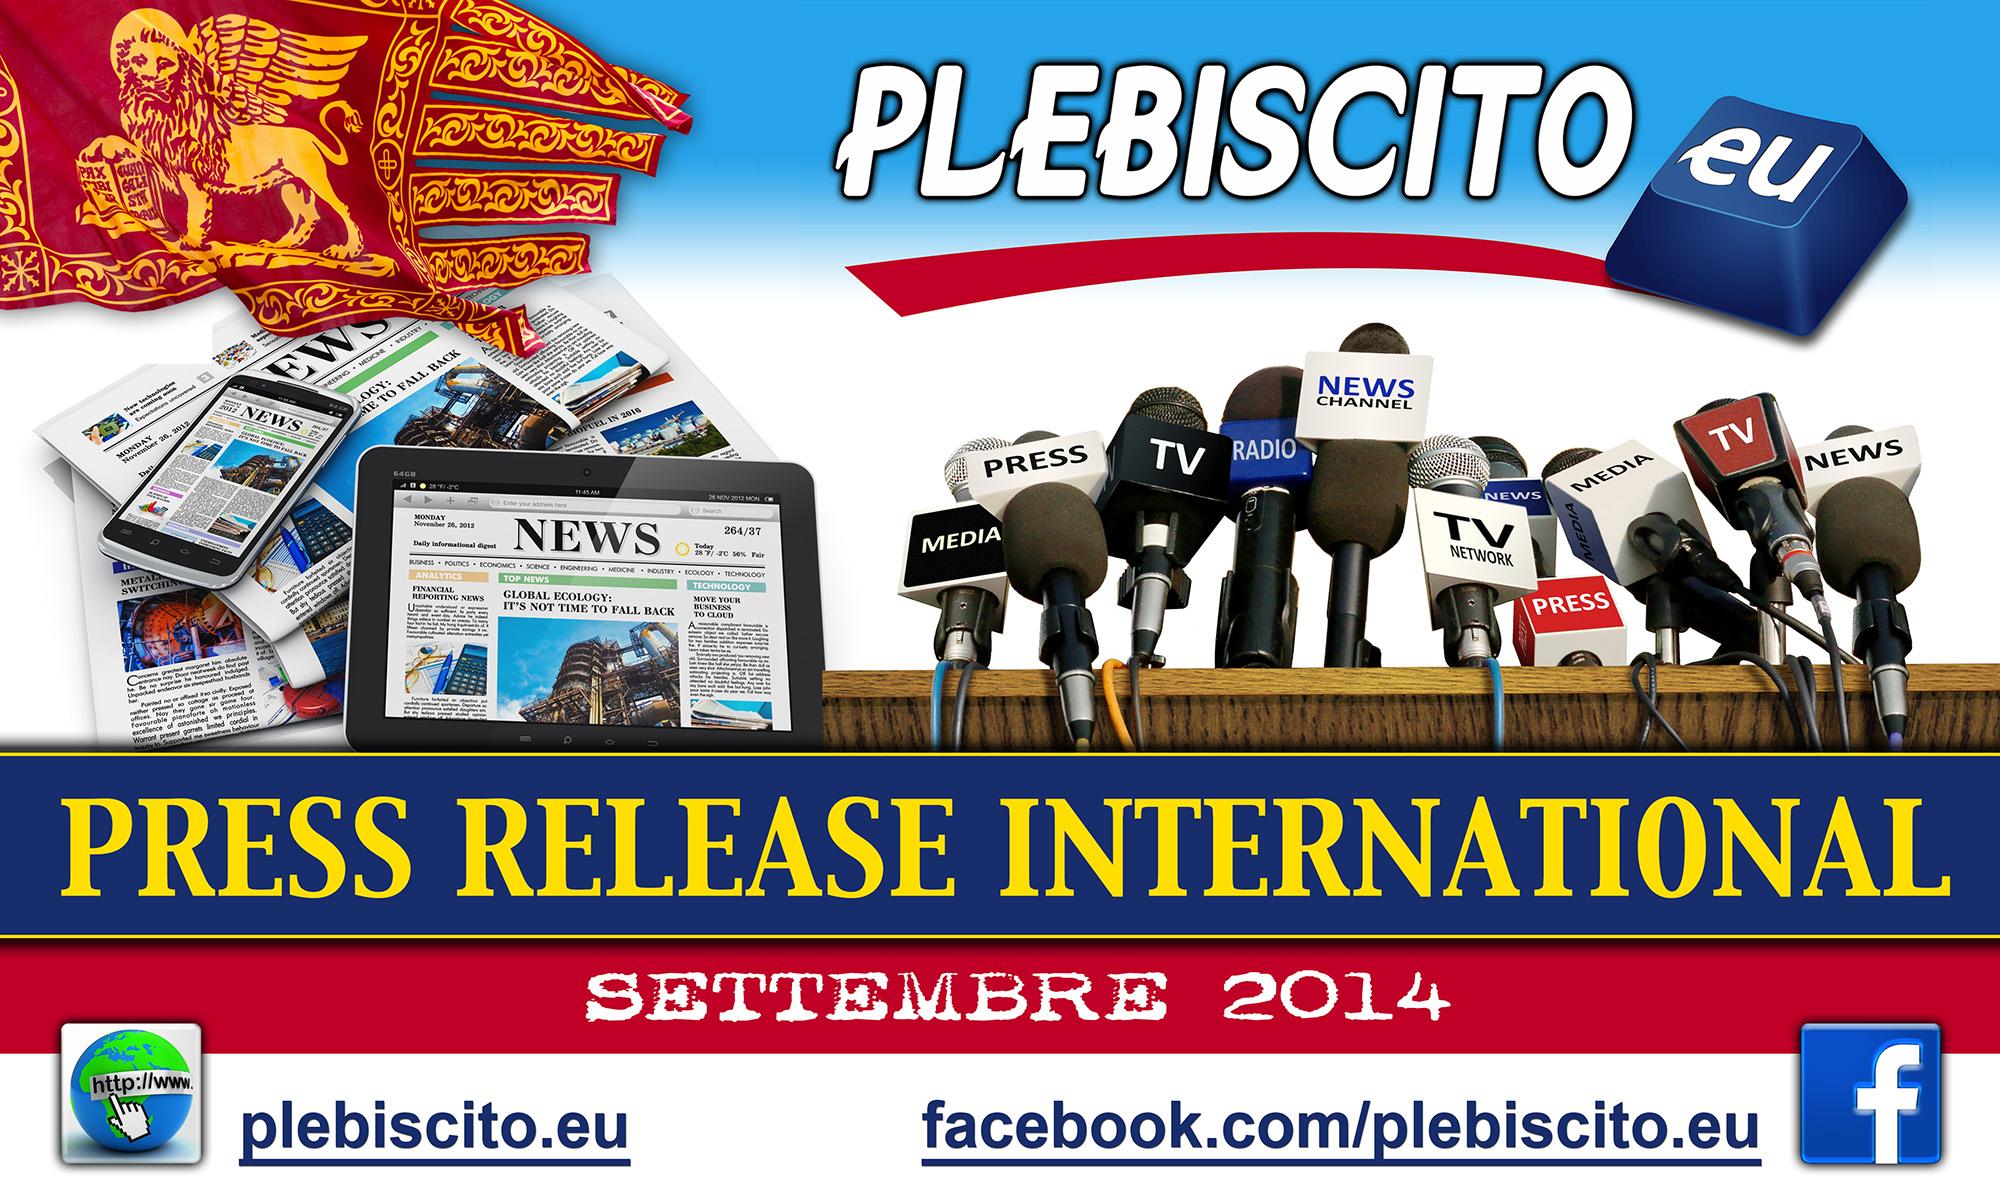 Nelle ultime settimane abbiamo registrato un'enorme attenzione mediatica internazionale verso Plebiscito.eu e Gianluca Busato. Scarica la Rassegna Stampa internazionale degli ultimi 15 giorni (39 pagine, 23,4 MB):